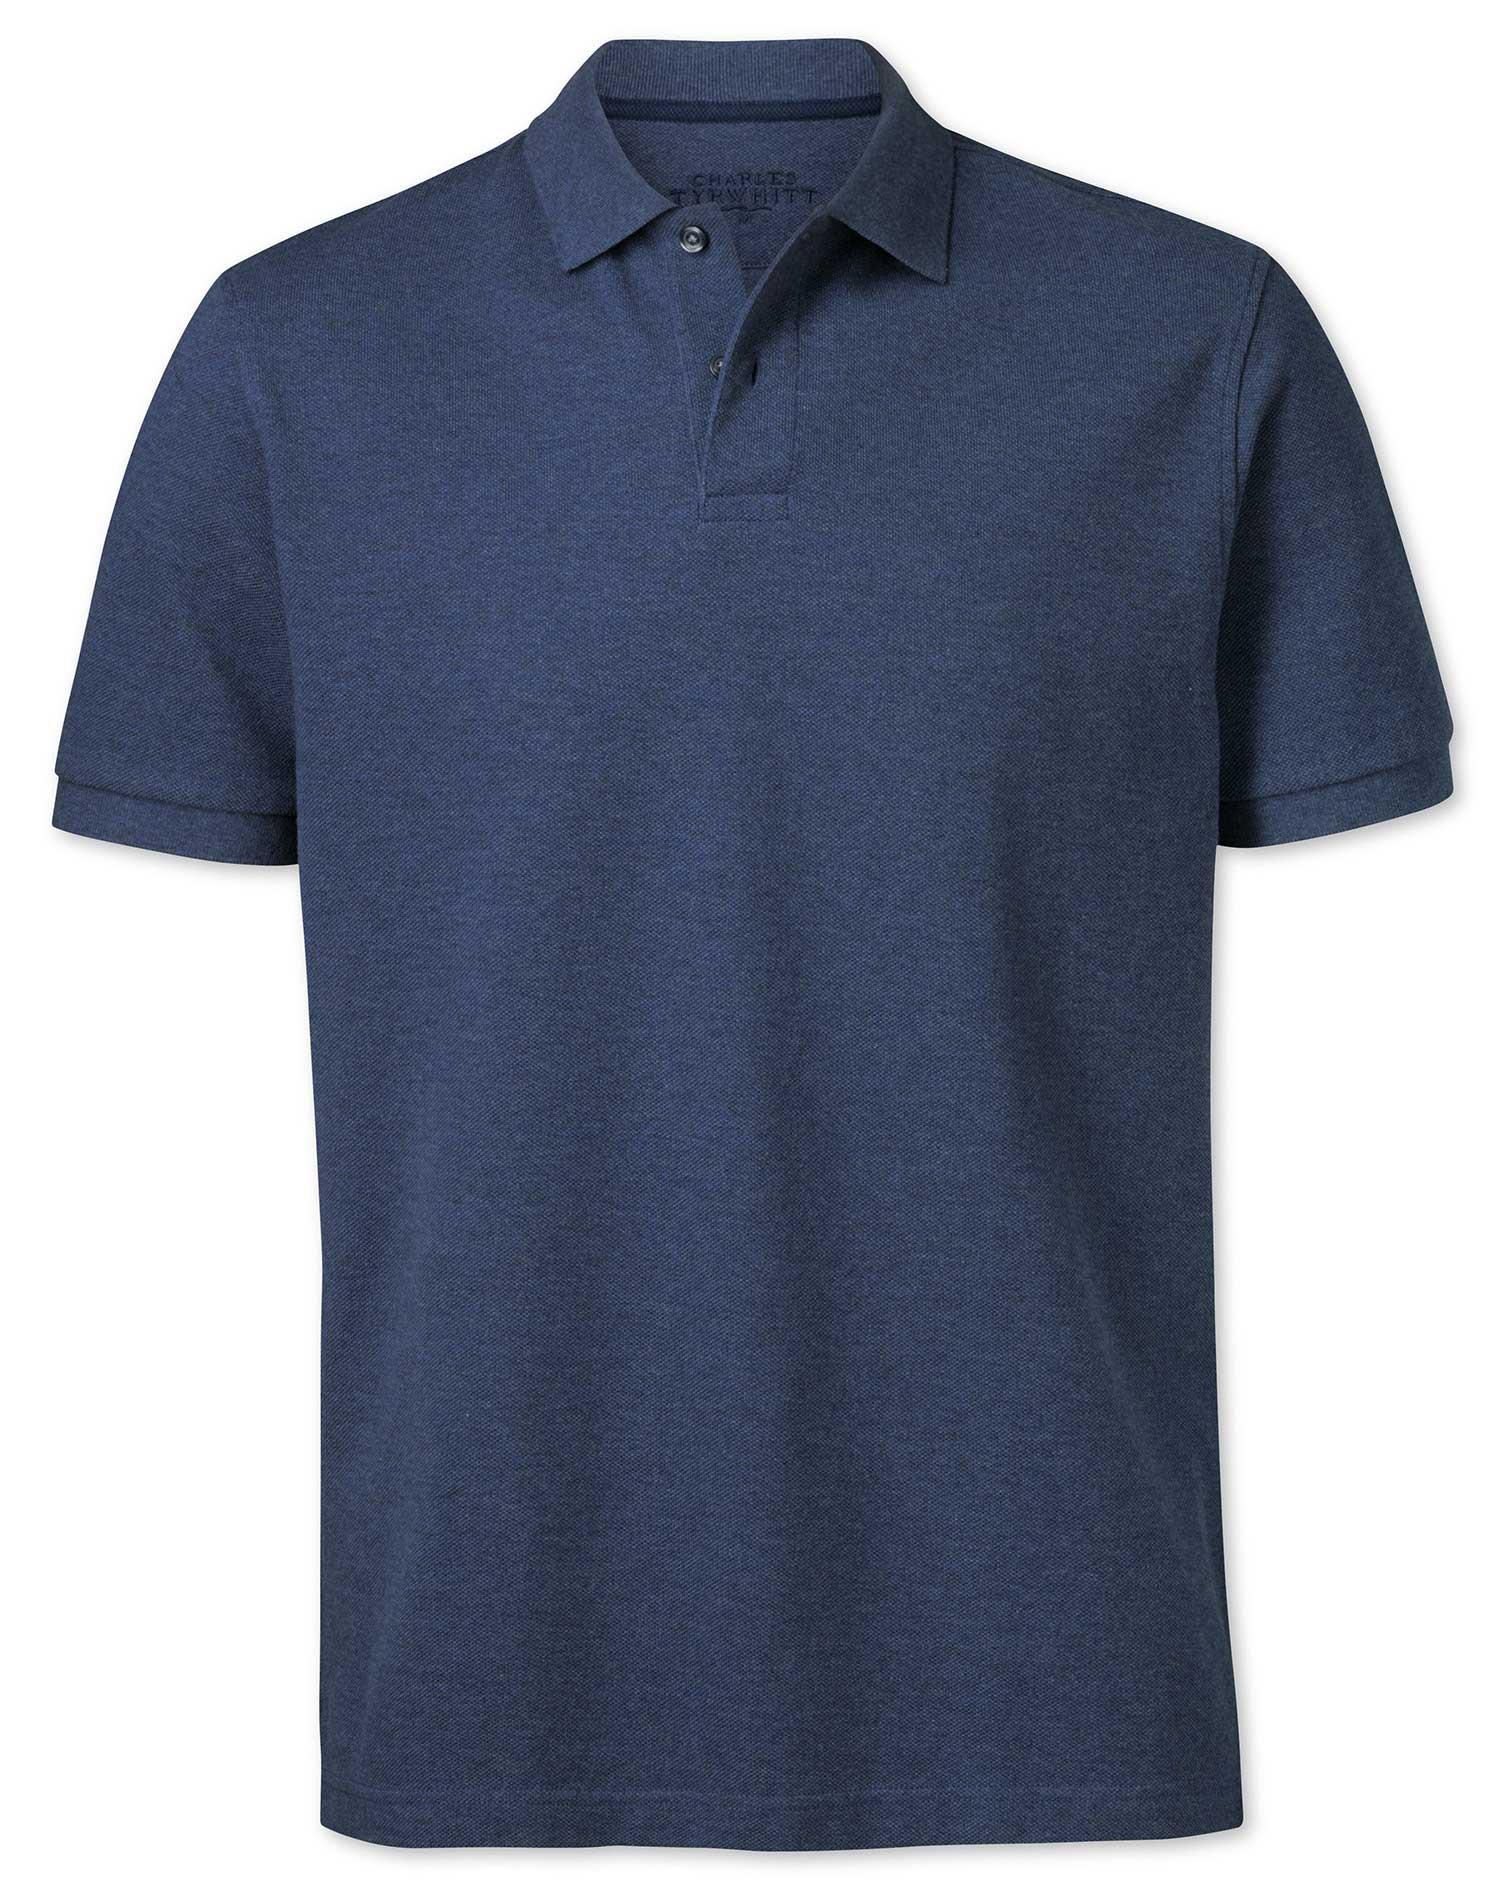 Indigo Melange Pique Cotton Polo Size XL by Charles Tyrwhitt